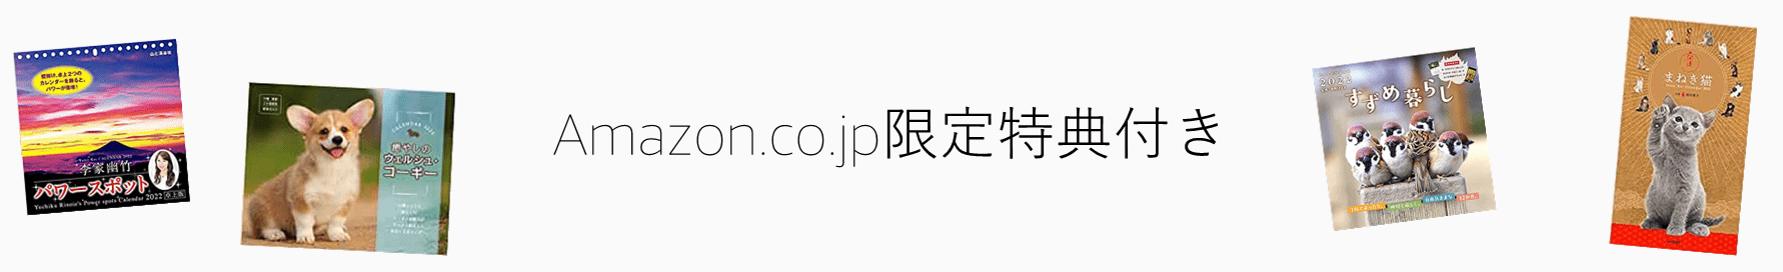 amazon.co.jp-exclusive